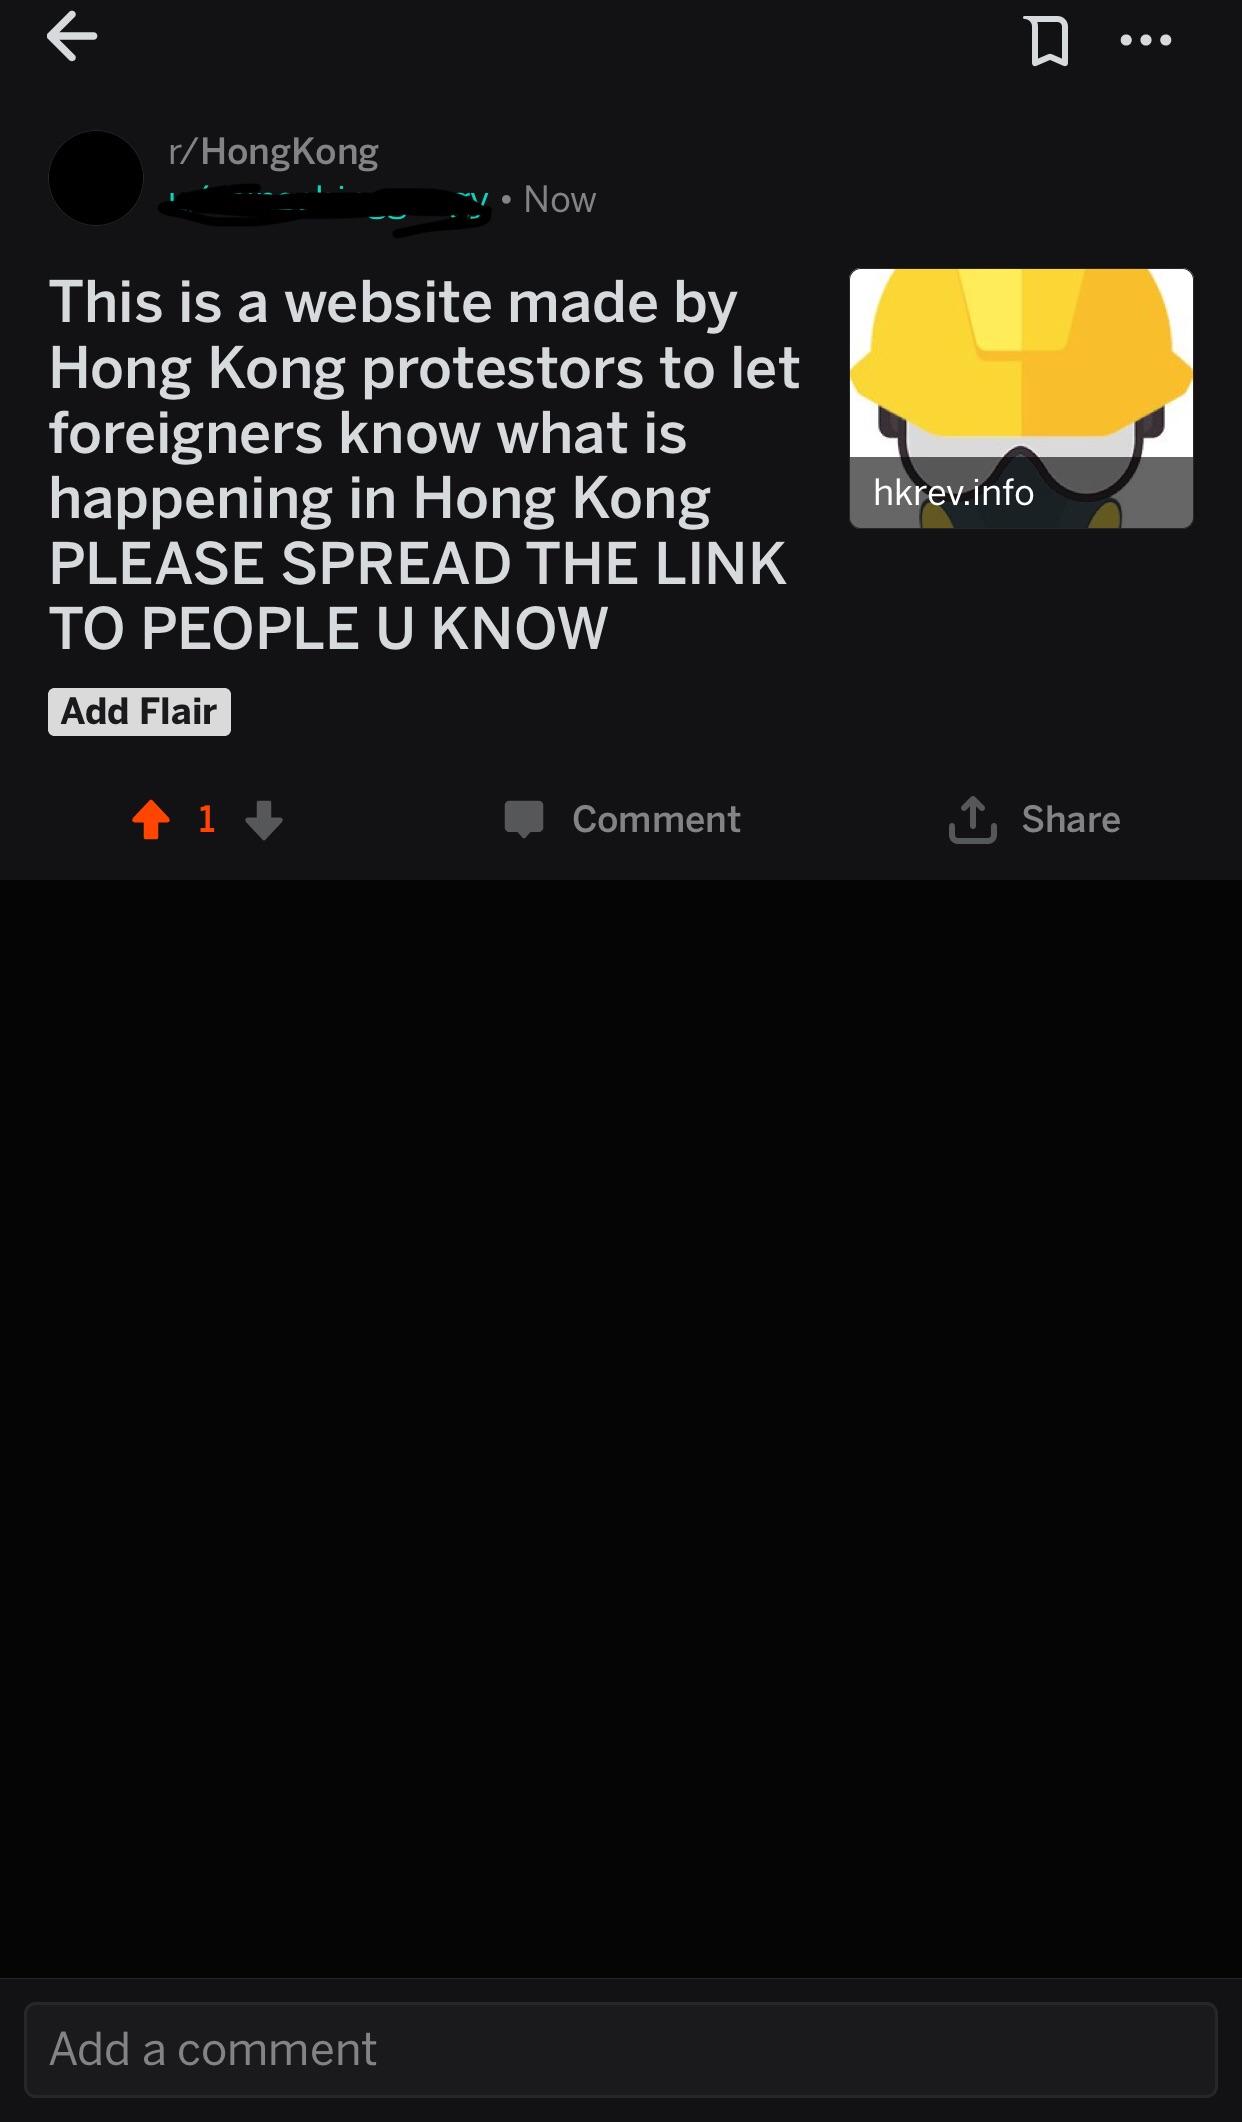 https://upload.cc/i1/2019/09/02/T4ctKa.png